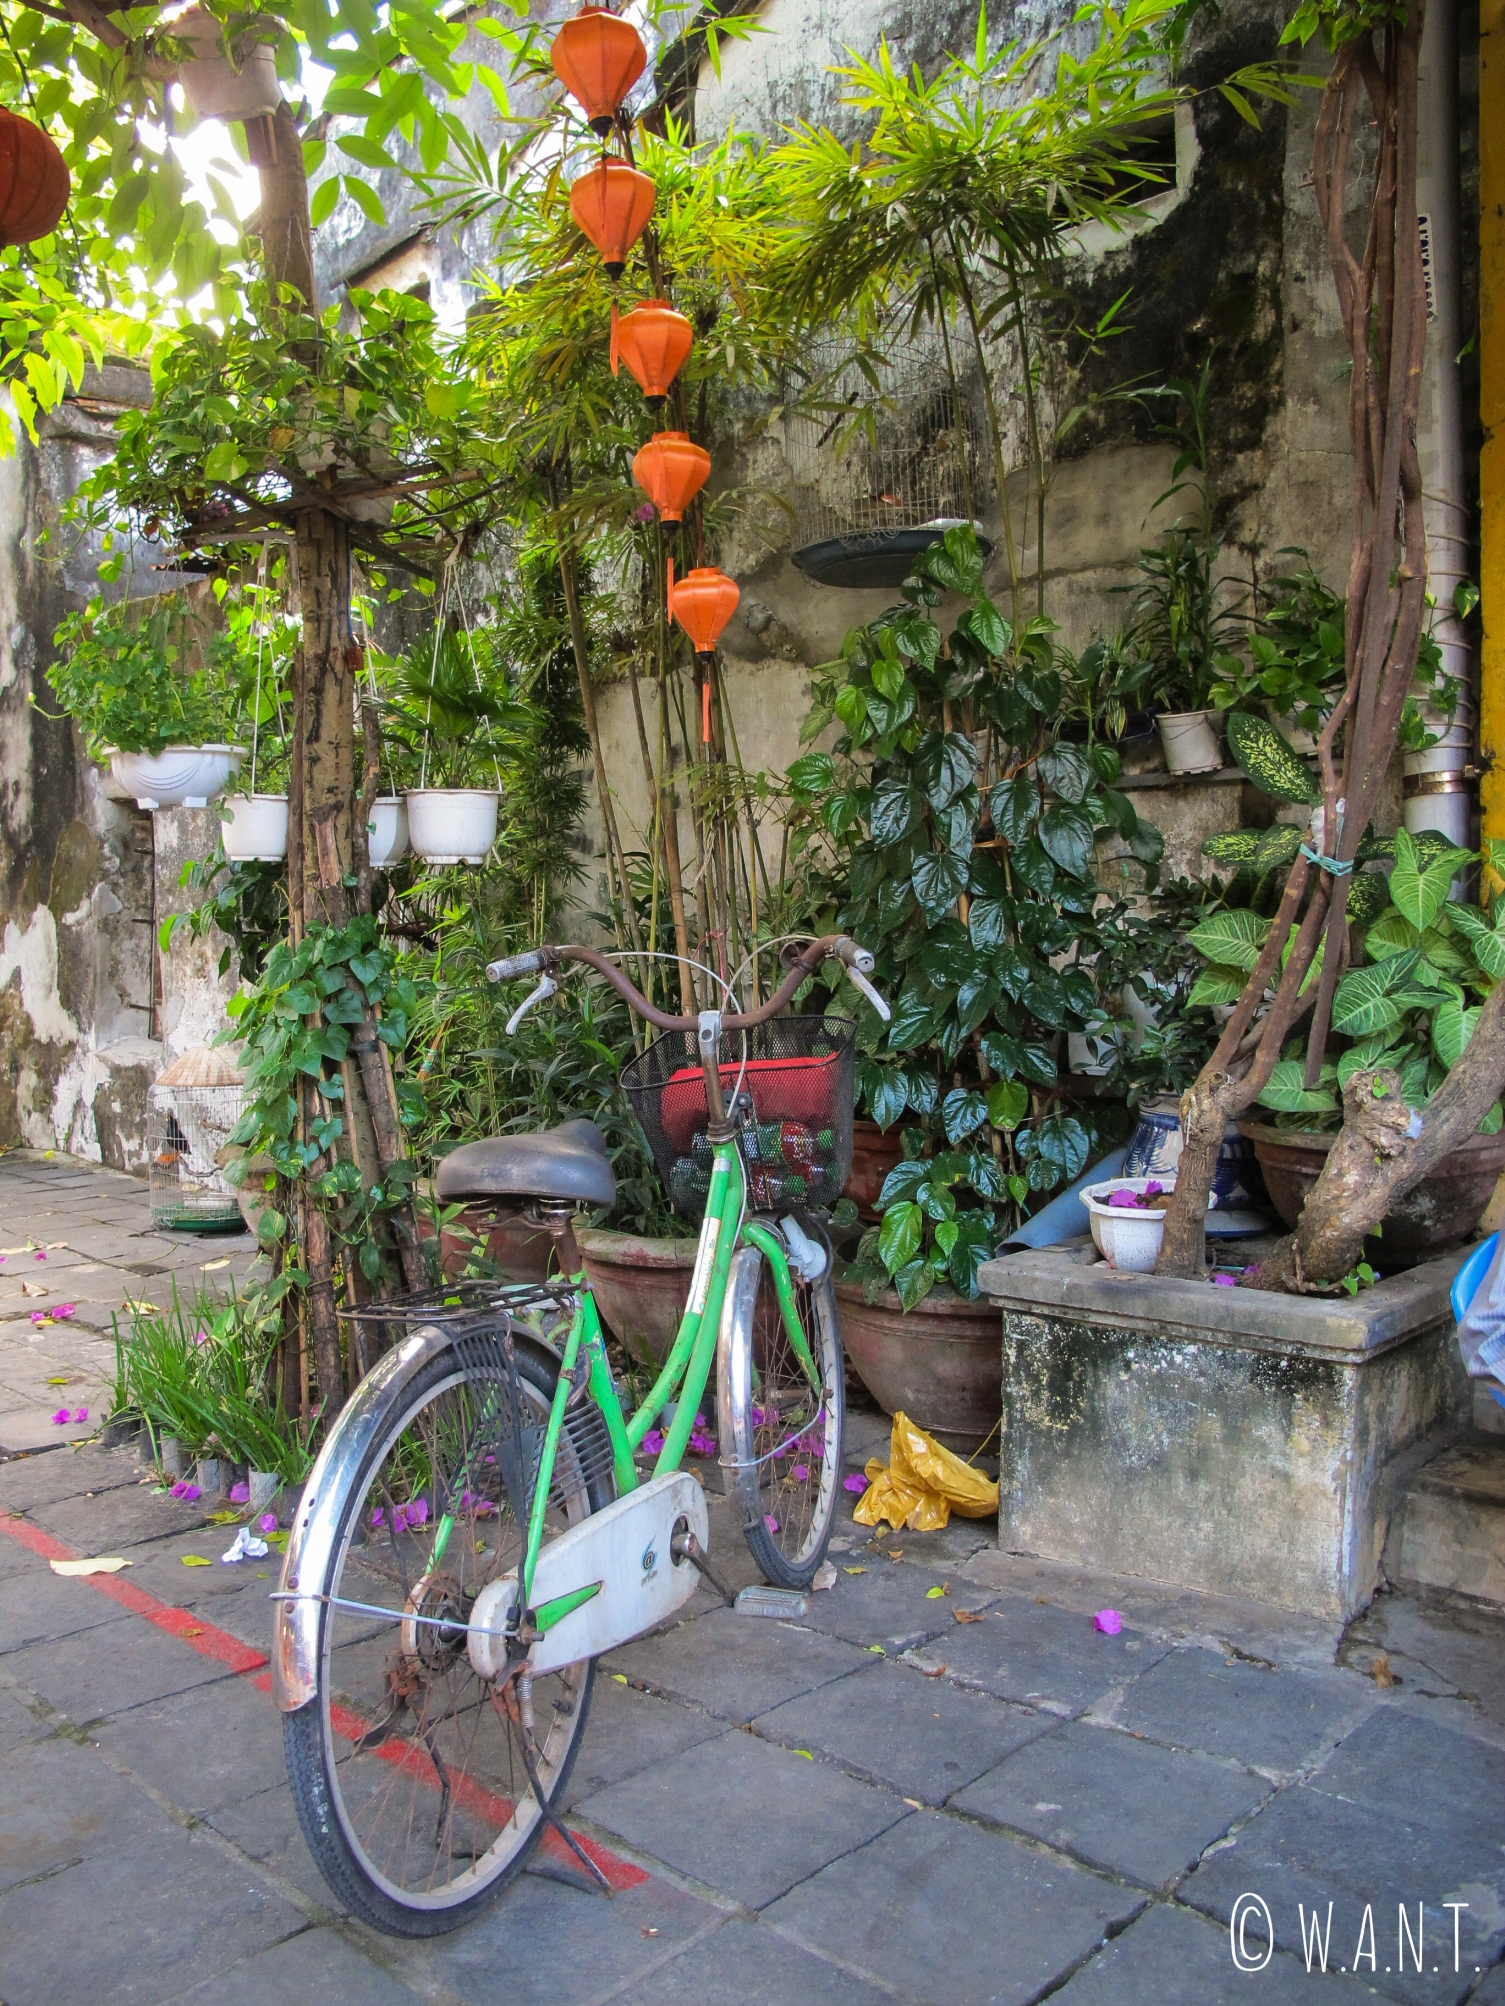 Vélo dans les rues de la vieille ville de Hoi An